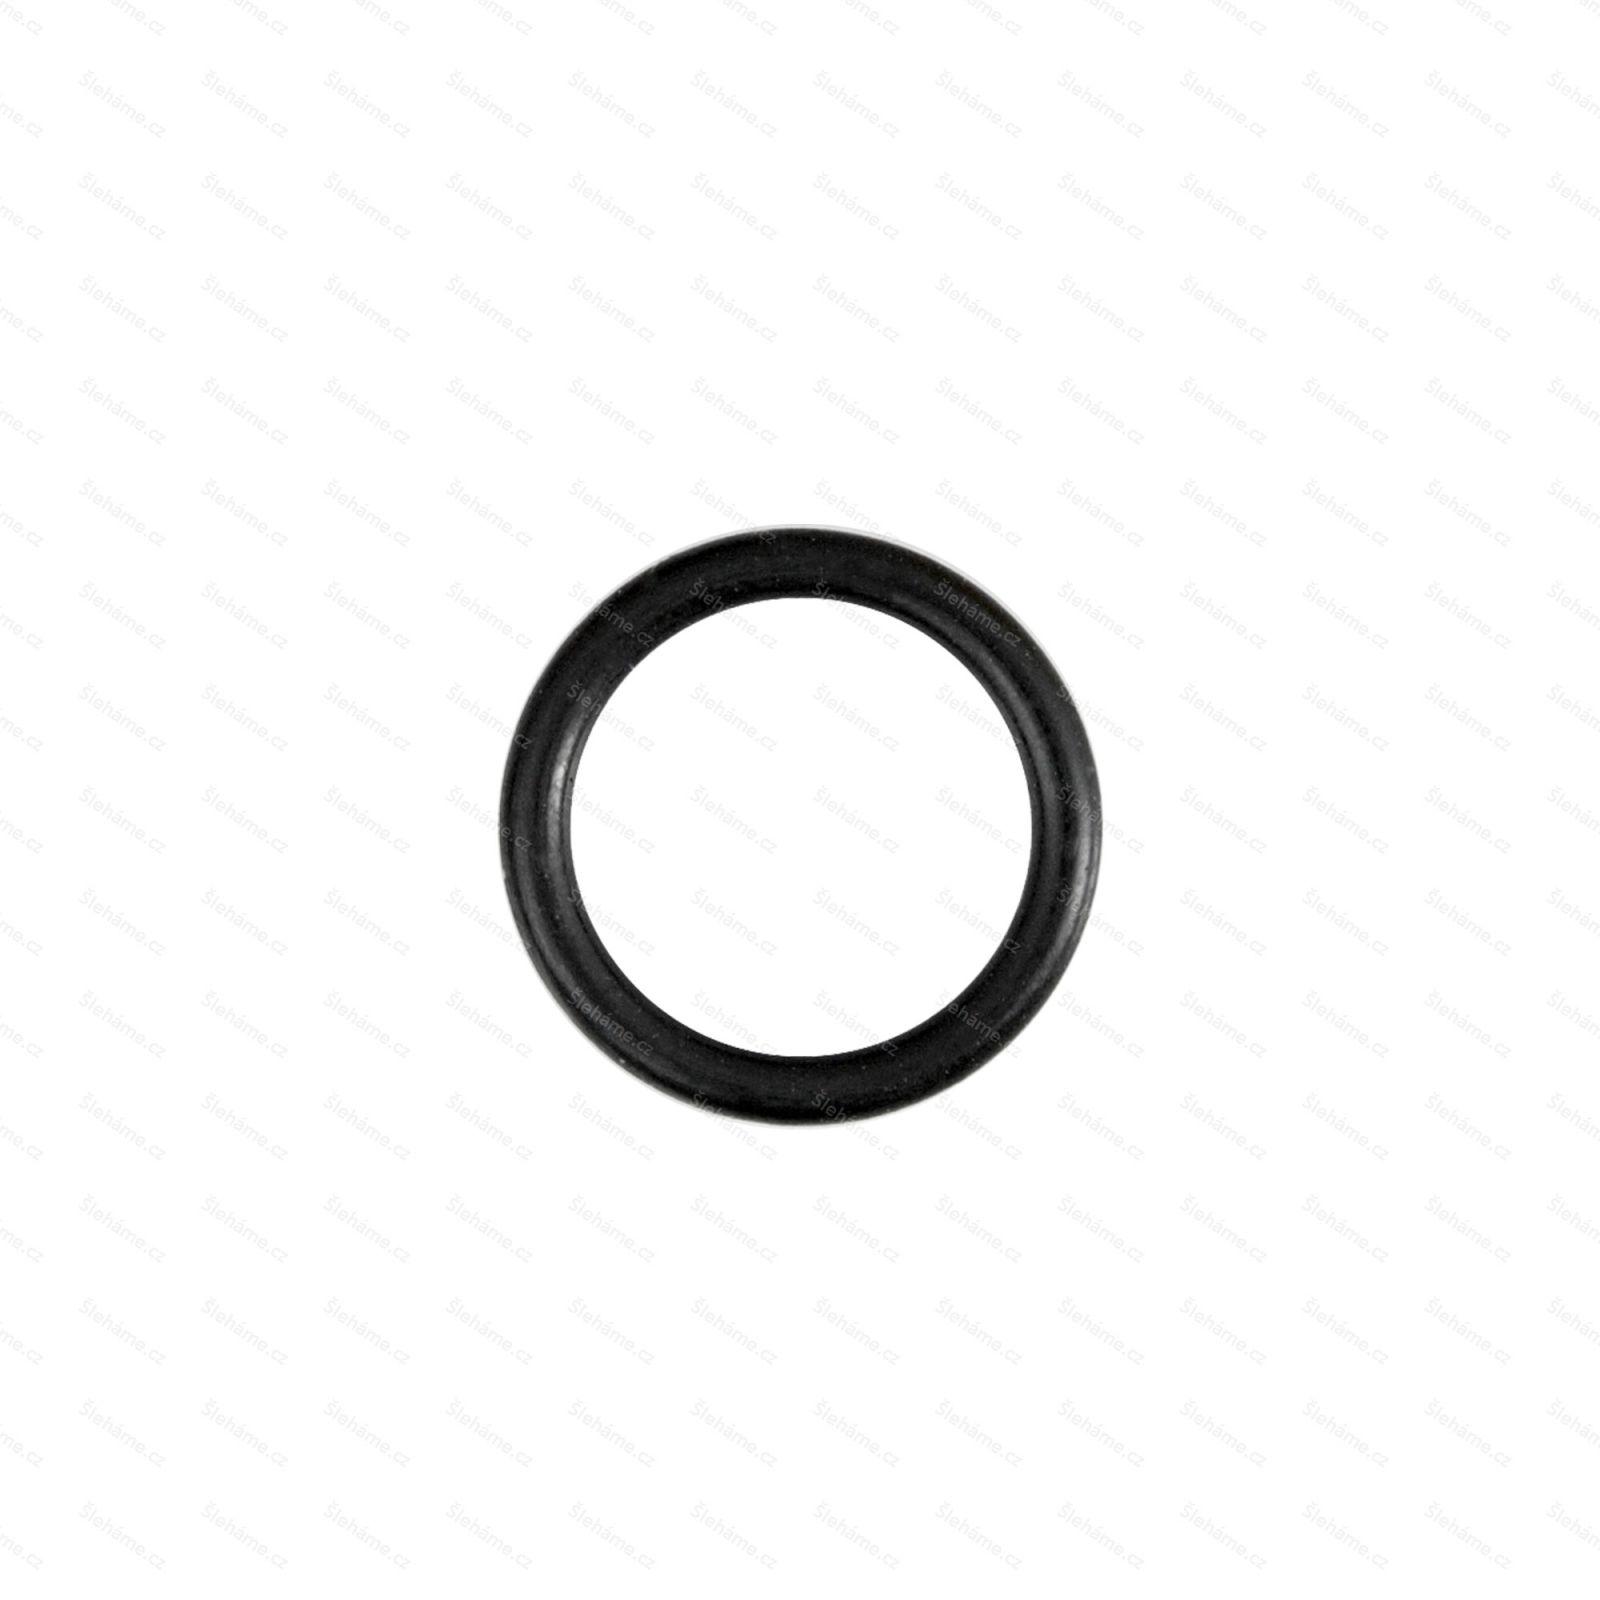 Těsnění dávkovací matice pro šlehače iSi THERMO XPRESS WHIP, vnější